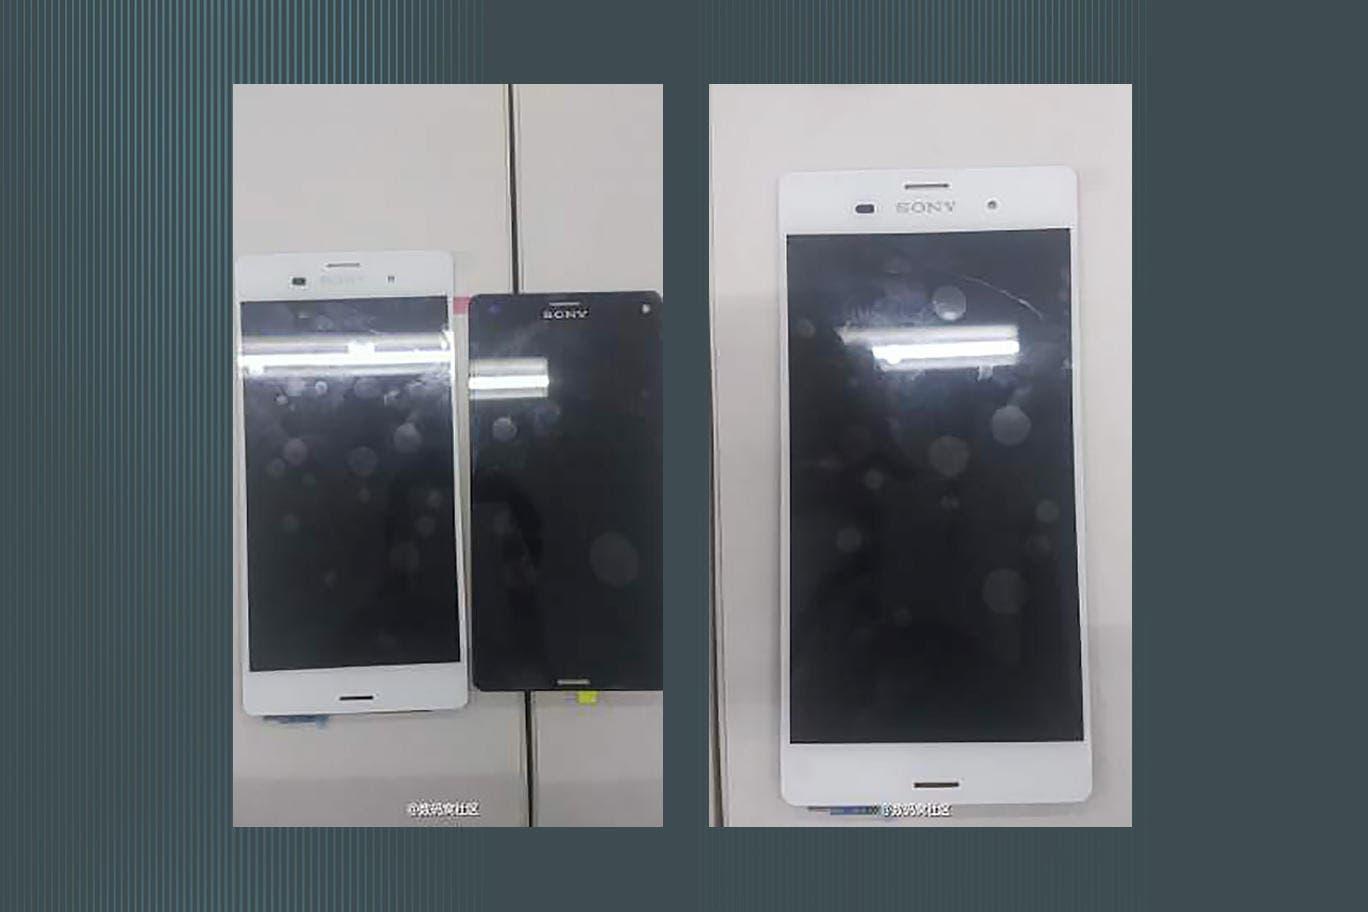 Sony Xperia Z3 Leak